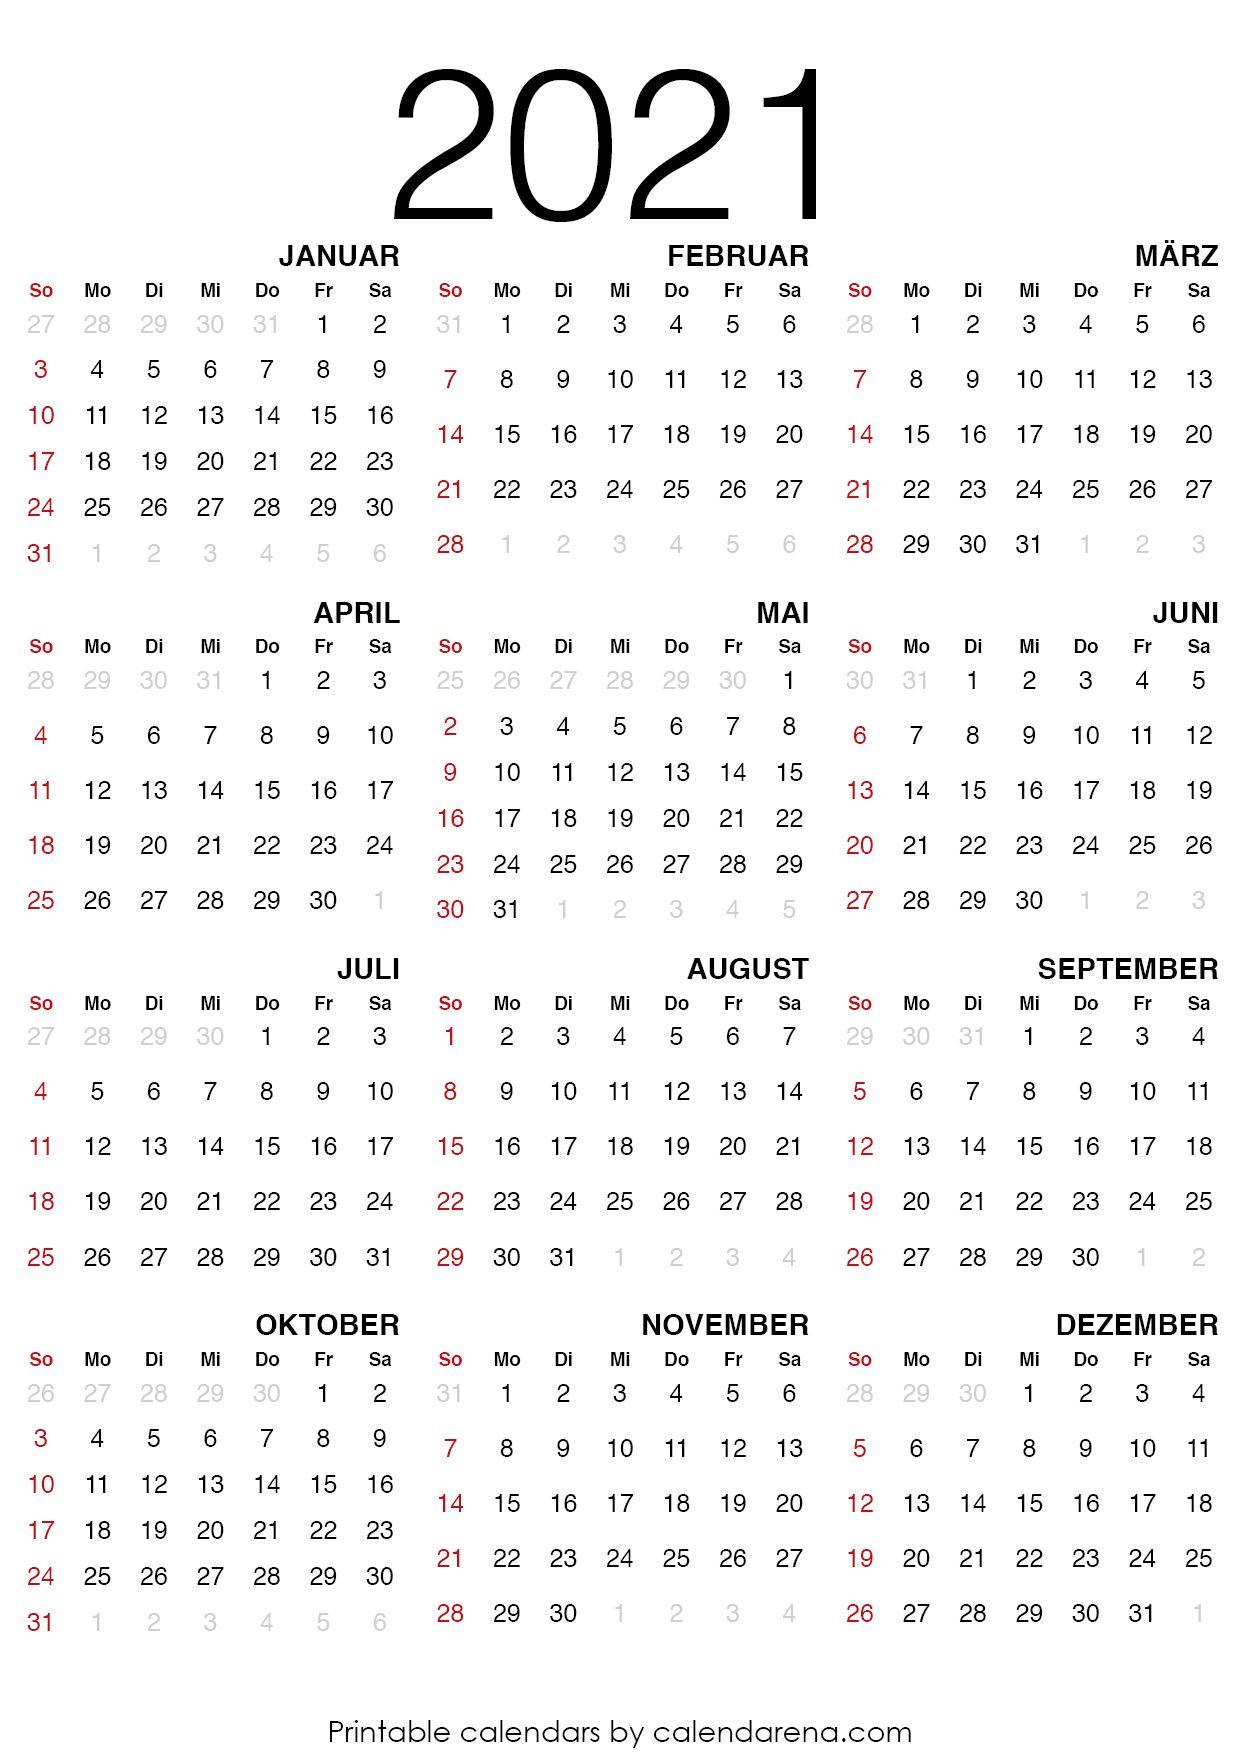 20 Kalender leerer Kalender   Calendar printables, Printable ...